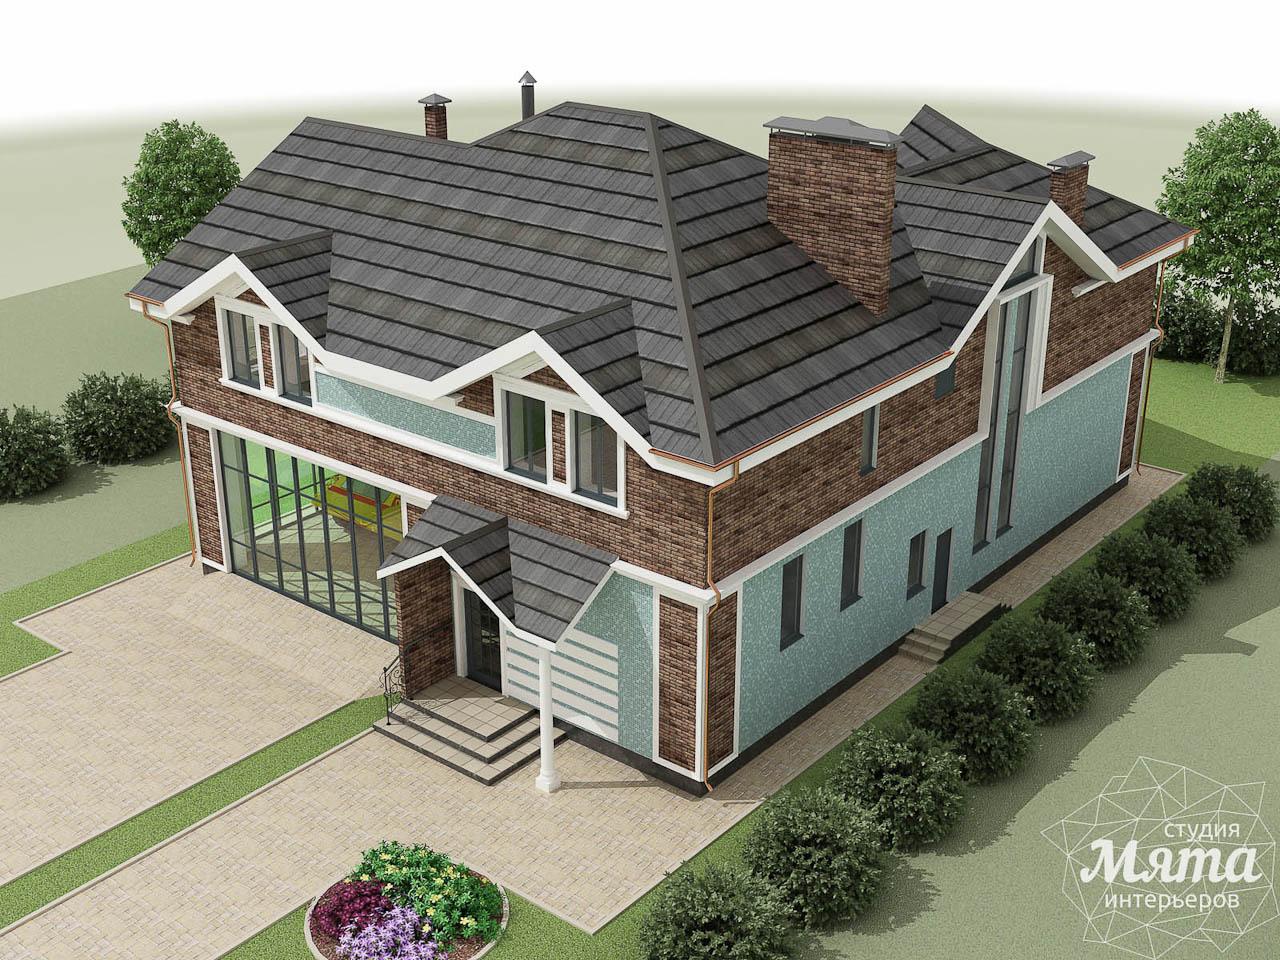 Дизайн фасада коттеджа в п. Палникс img1552050300